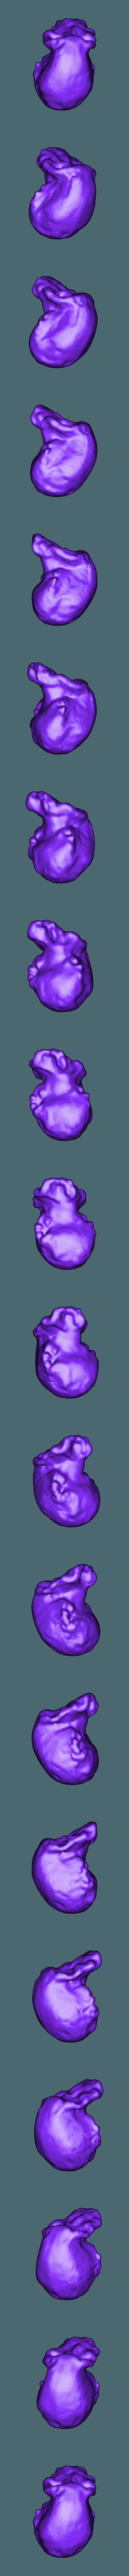 Homo_Habilis_whole.stl Télécharger fichier STL gratuit Ensemble de crânes évolutifs • Objet pour impression 3D, sjpiper145